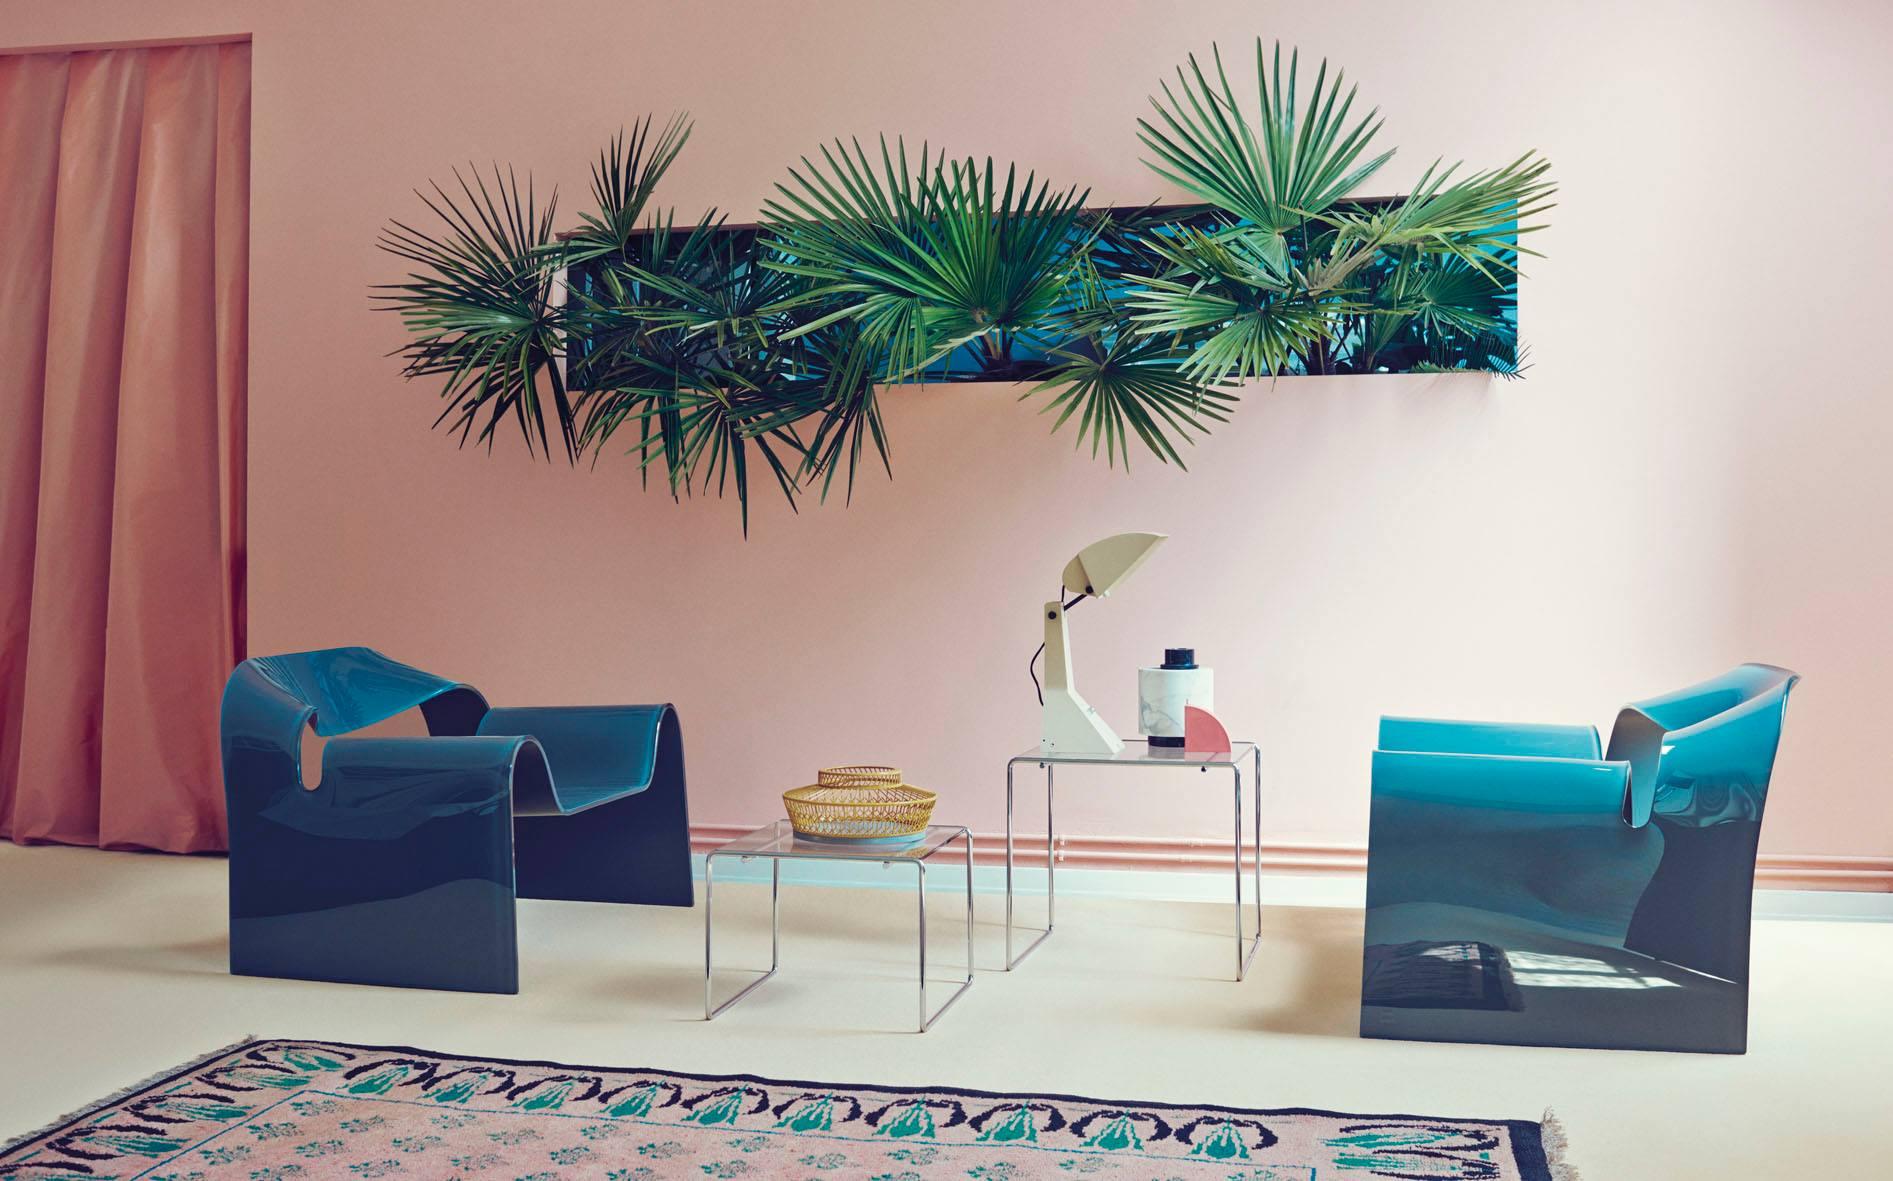 Studio-Pepe-Palm-spring-Andrea-Ferrari-4